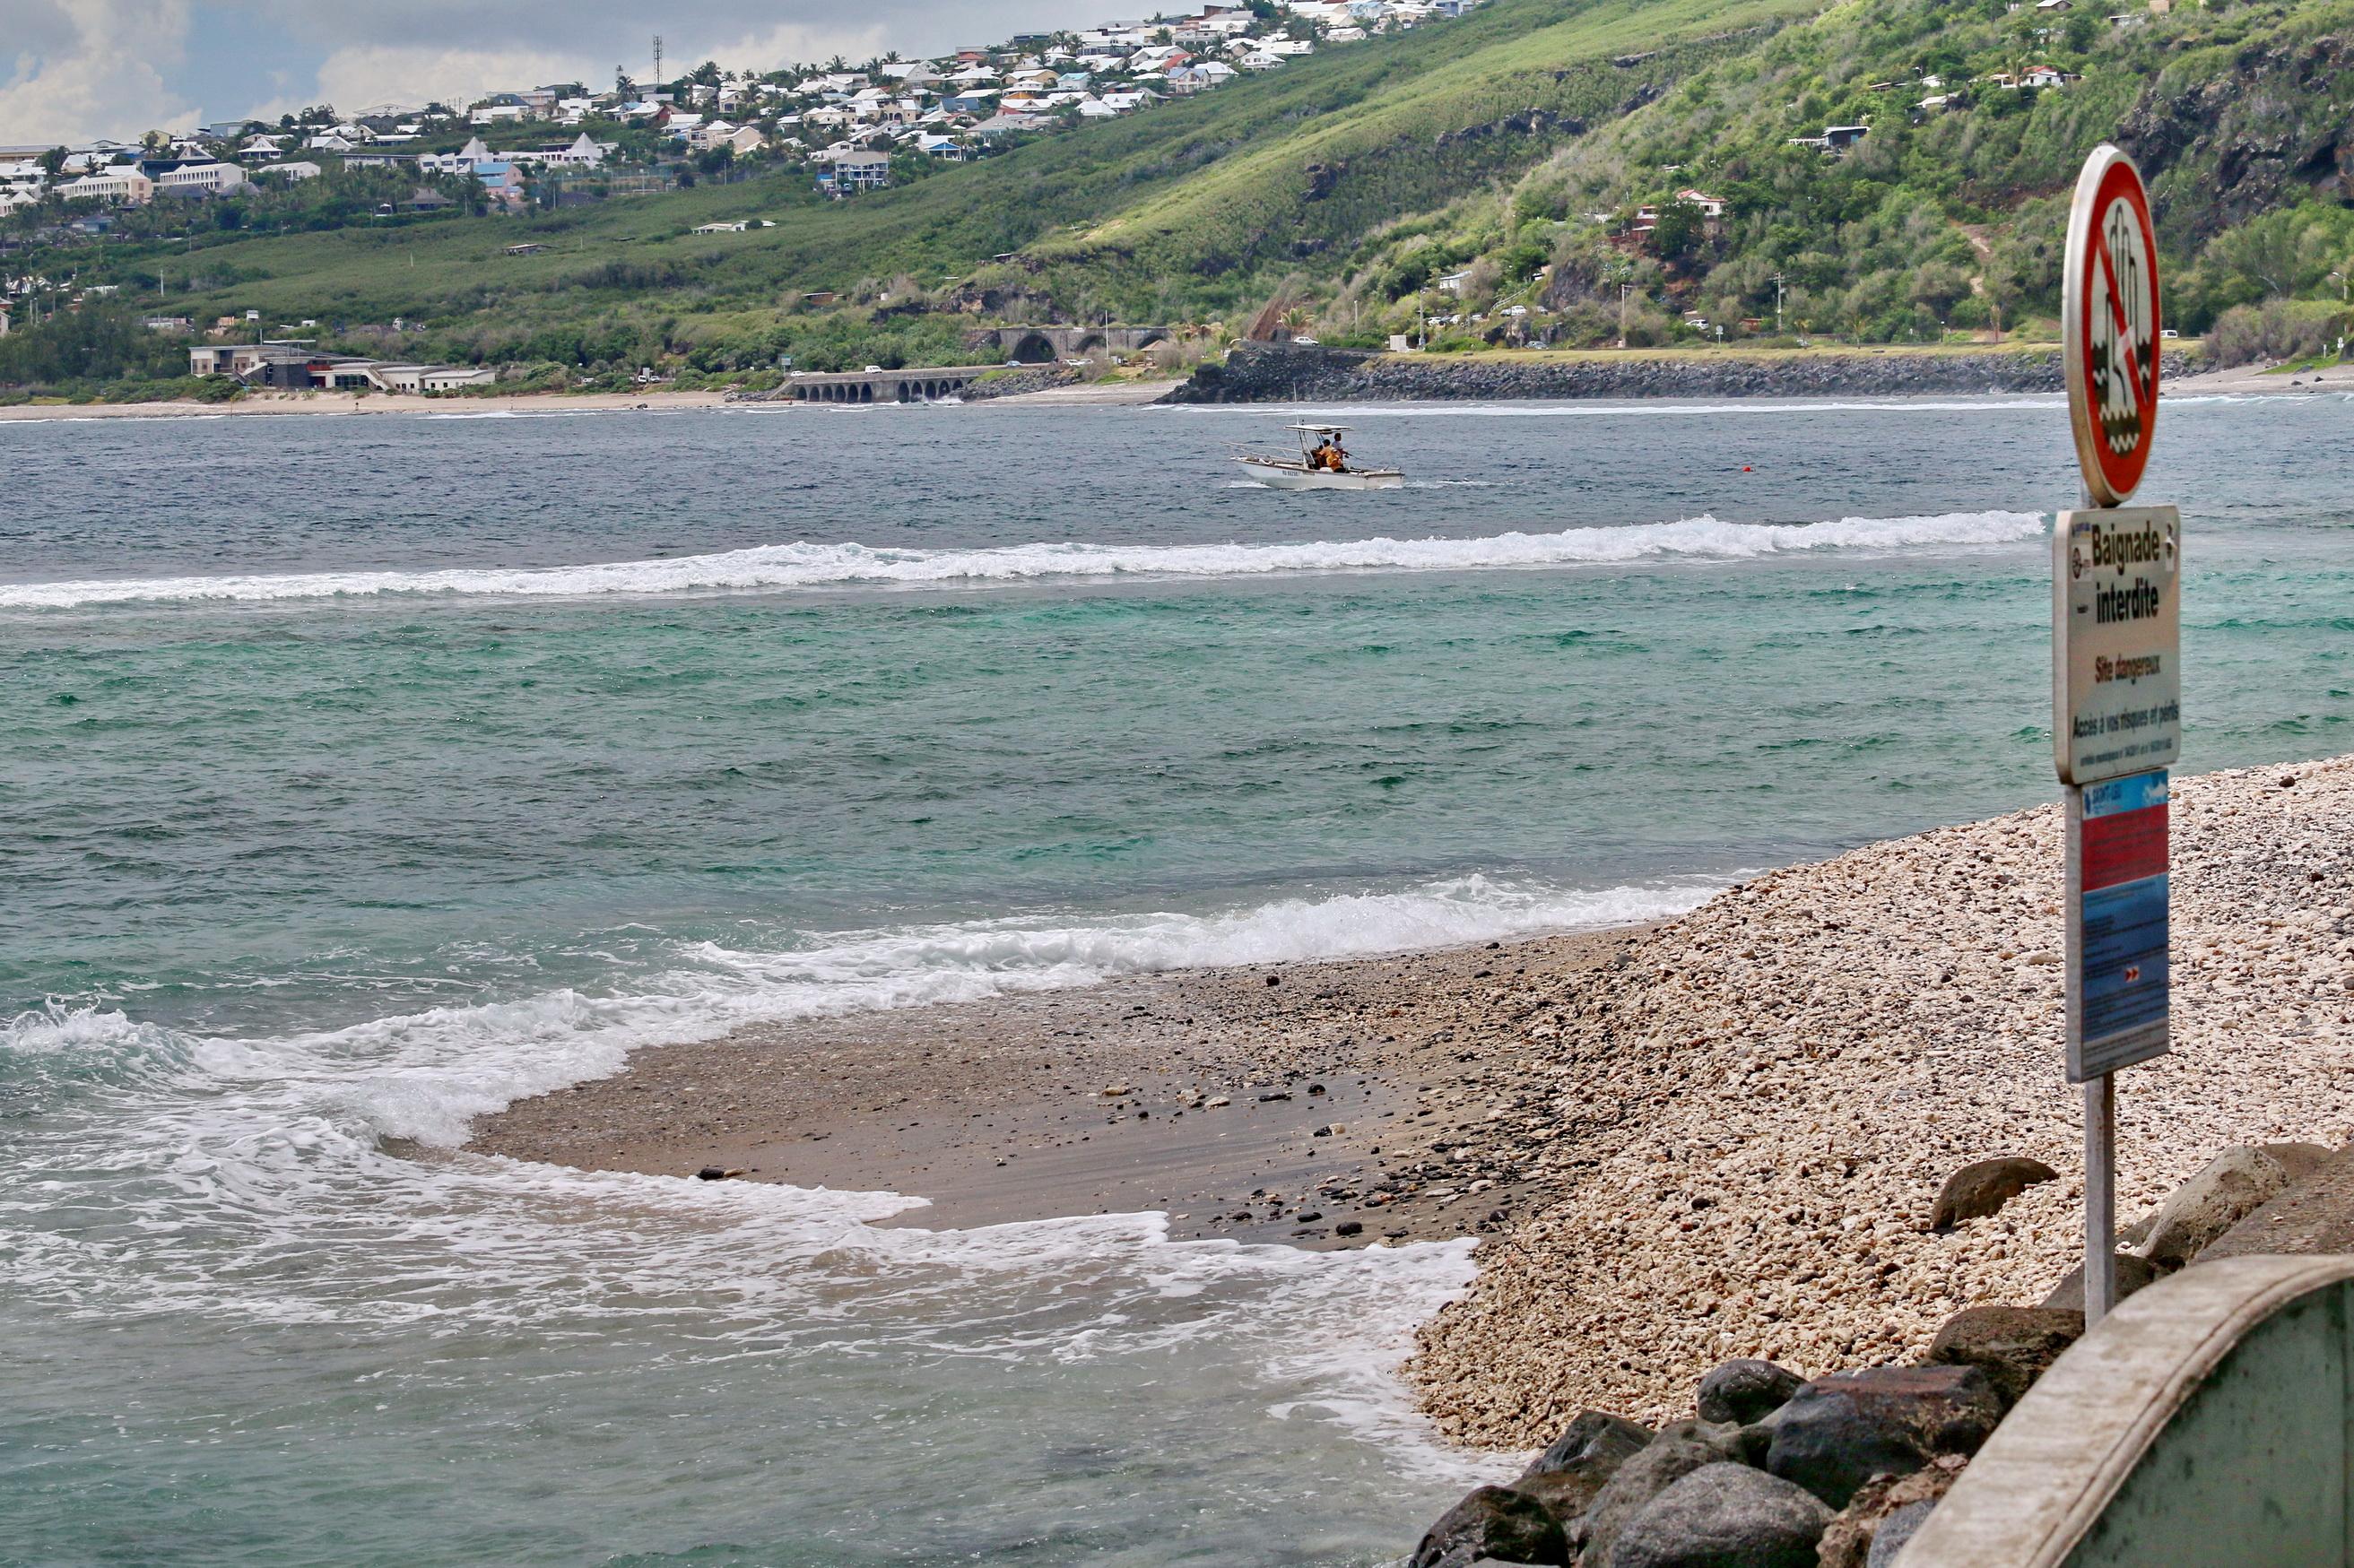 [Vie des ports] Les ports de la Réunion - Page 3 916793stpierrestleu70d126